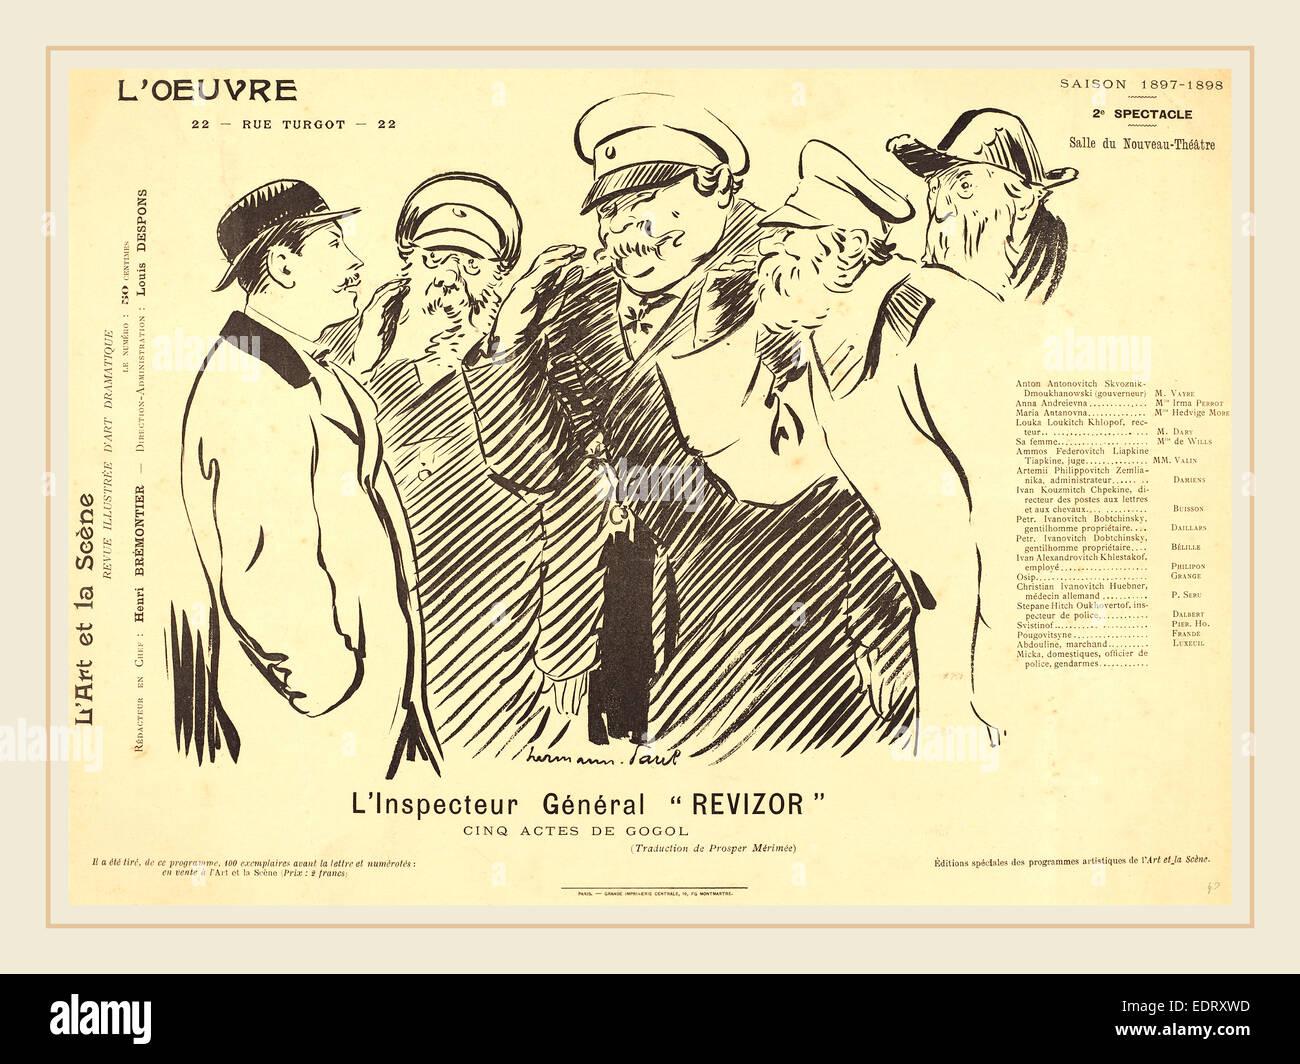 Hermann-Paul (French, 1864-1940), L'Inspecteur Général Revizor, 1898, photorelief on wove paper - Stock Image